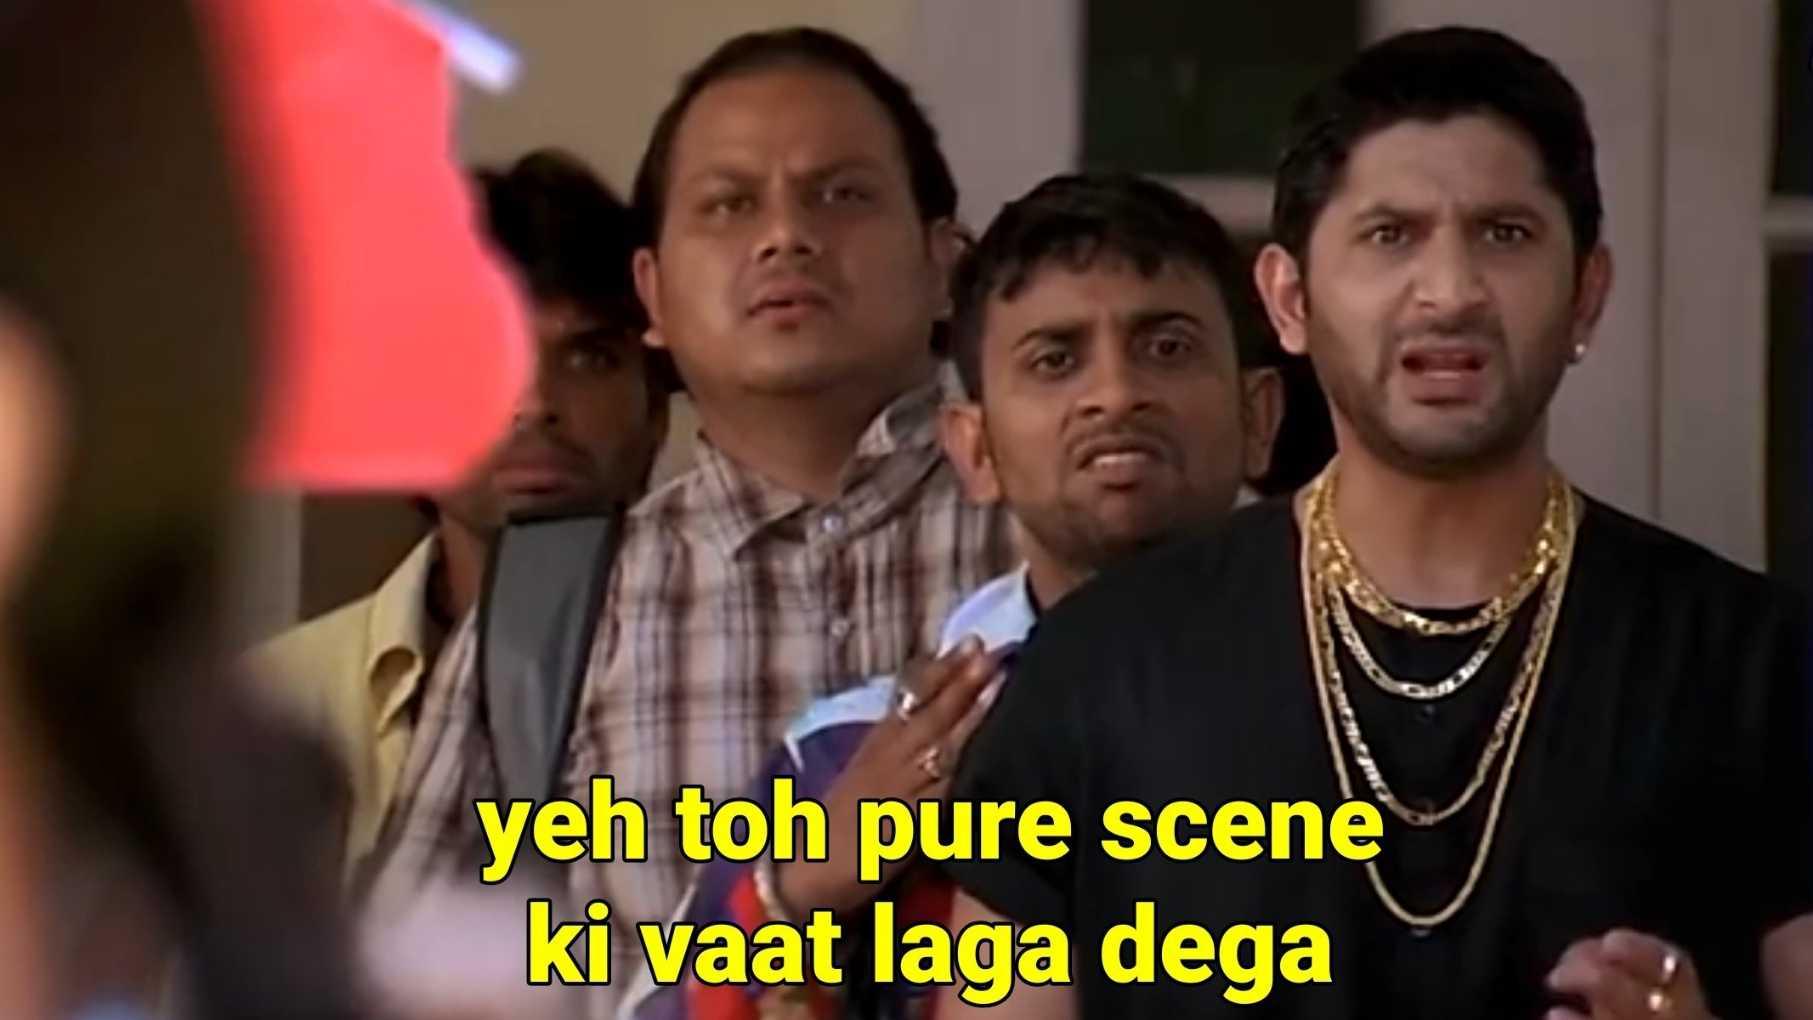 ye toh pure scene ki vaat laga dega munna bhai